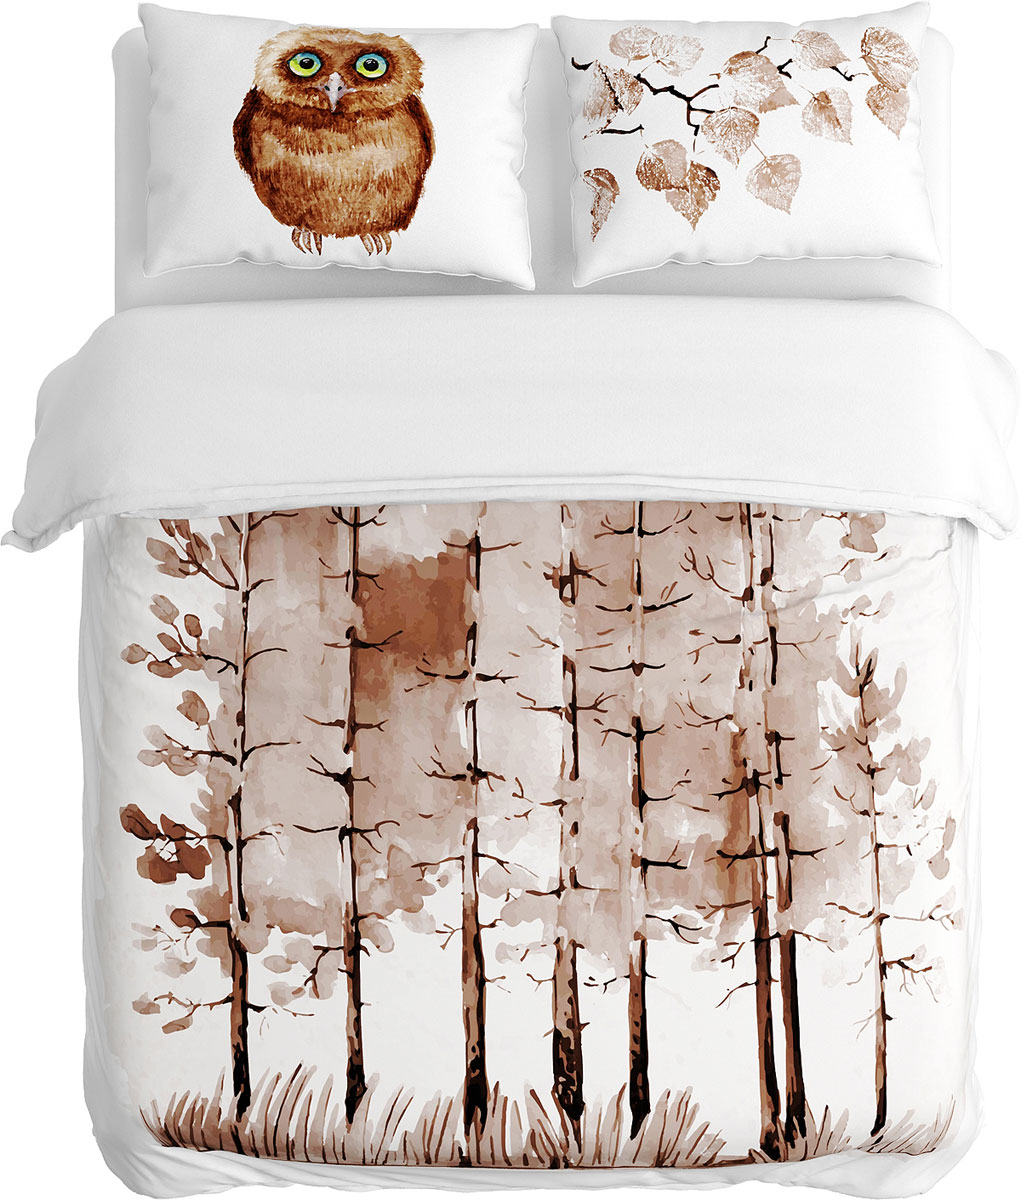 """Комплект постельного белья """"Сирень"""" Евро выполнен из прочной и мягкой ткани. Четкий и стильный рисунок в сочетании с насыщенными красками делают комплект постельного белья неповторимой изюминкой любого интерьера. Постельное белье Сирень - это хороший подарок в любое время. Идеальное соотношение смешенной ткани и гипоаллергенных красок это гарантия здорового, спокойного сна.  Ткань хорошо впитывает влагу, надолго сохраняет яркость красок. Цвет простыни, пододеяльника, наволочки в комплектации может немного отличаться от представленного на фото.    В комплект входят: простыня - 220х240см; пододельяник 200х220 см; наволочка - 50х70х2шт.  Постельное белье легко стирать при 30-40 градусах, гладить при 150 градусах, не отбеливать. Рекомендуется перед первым использованием постирать."""